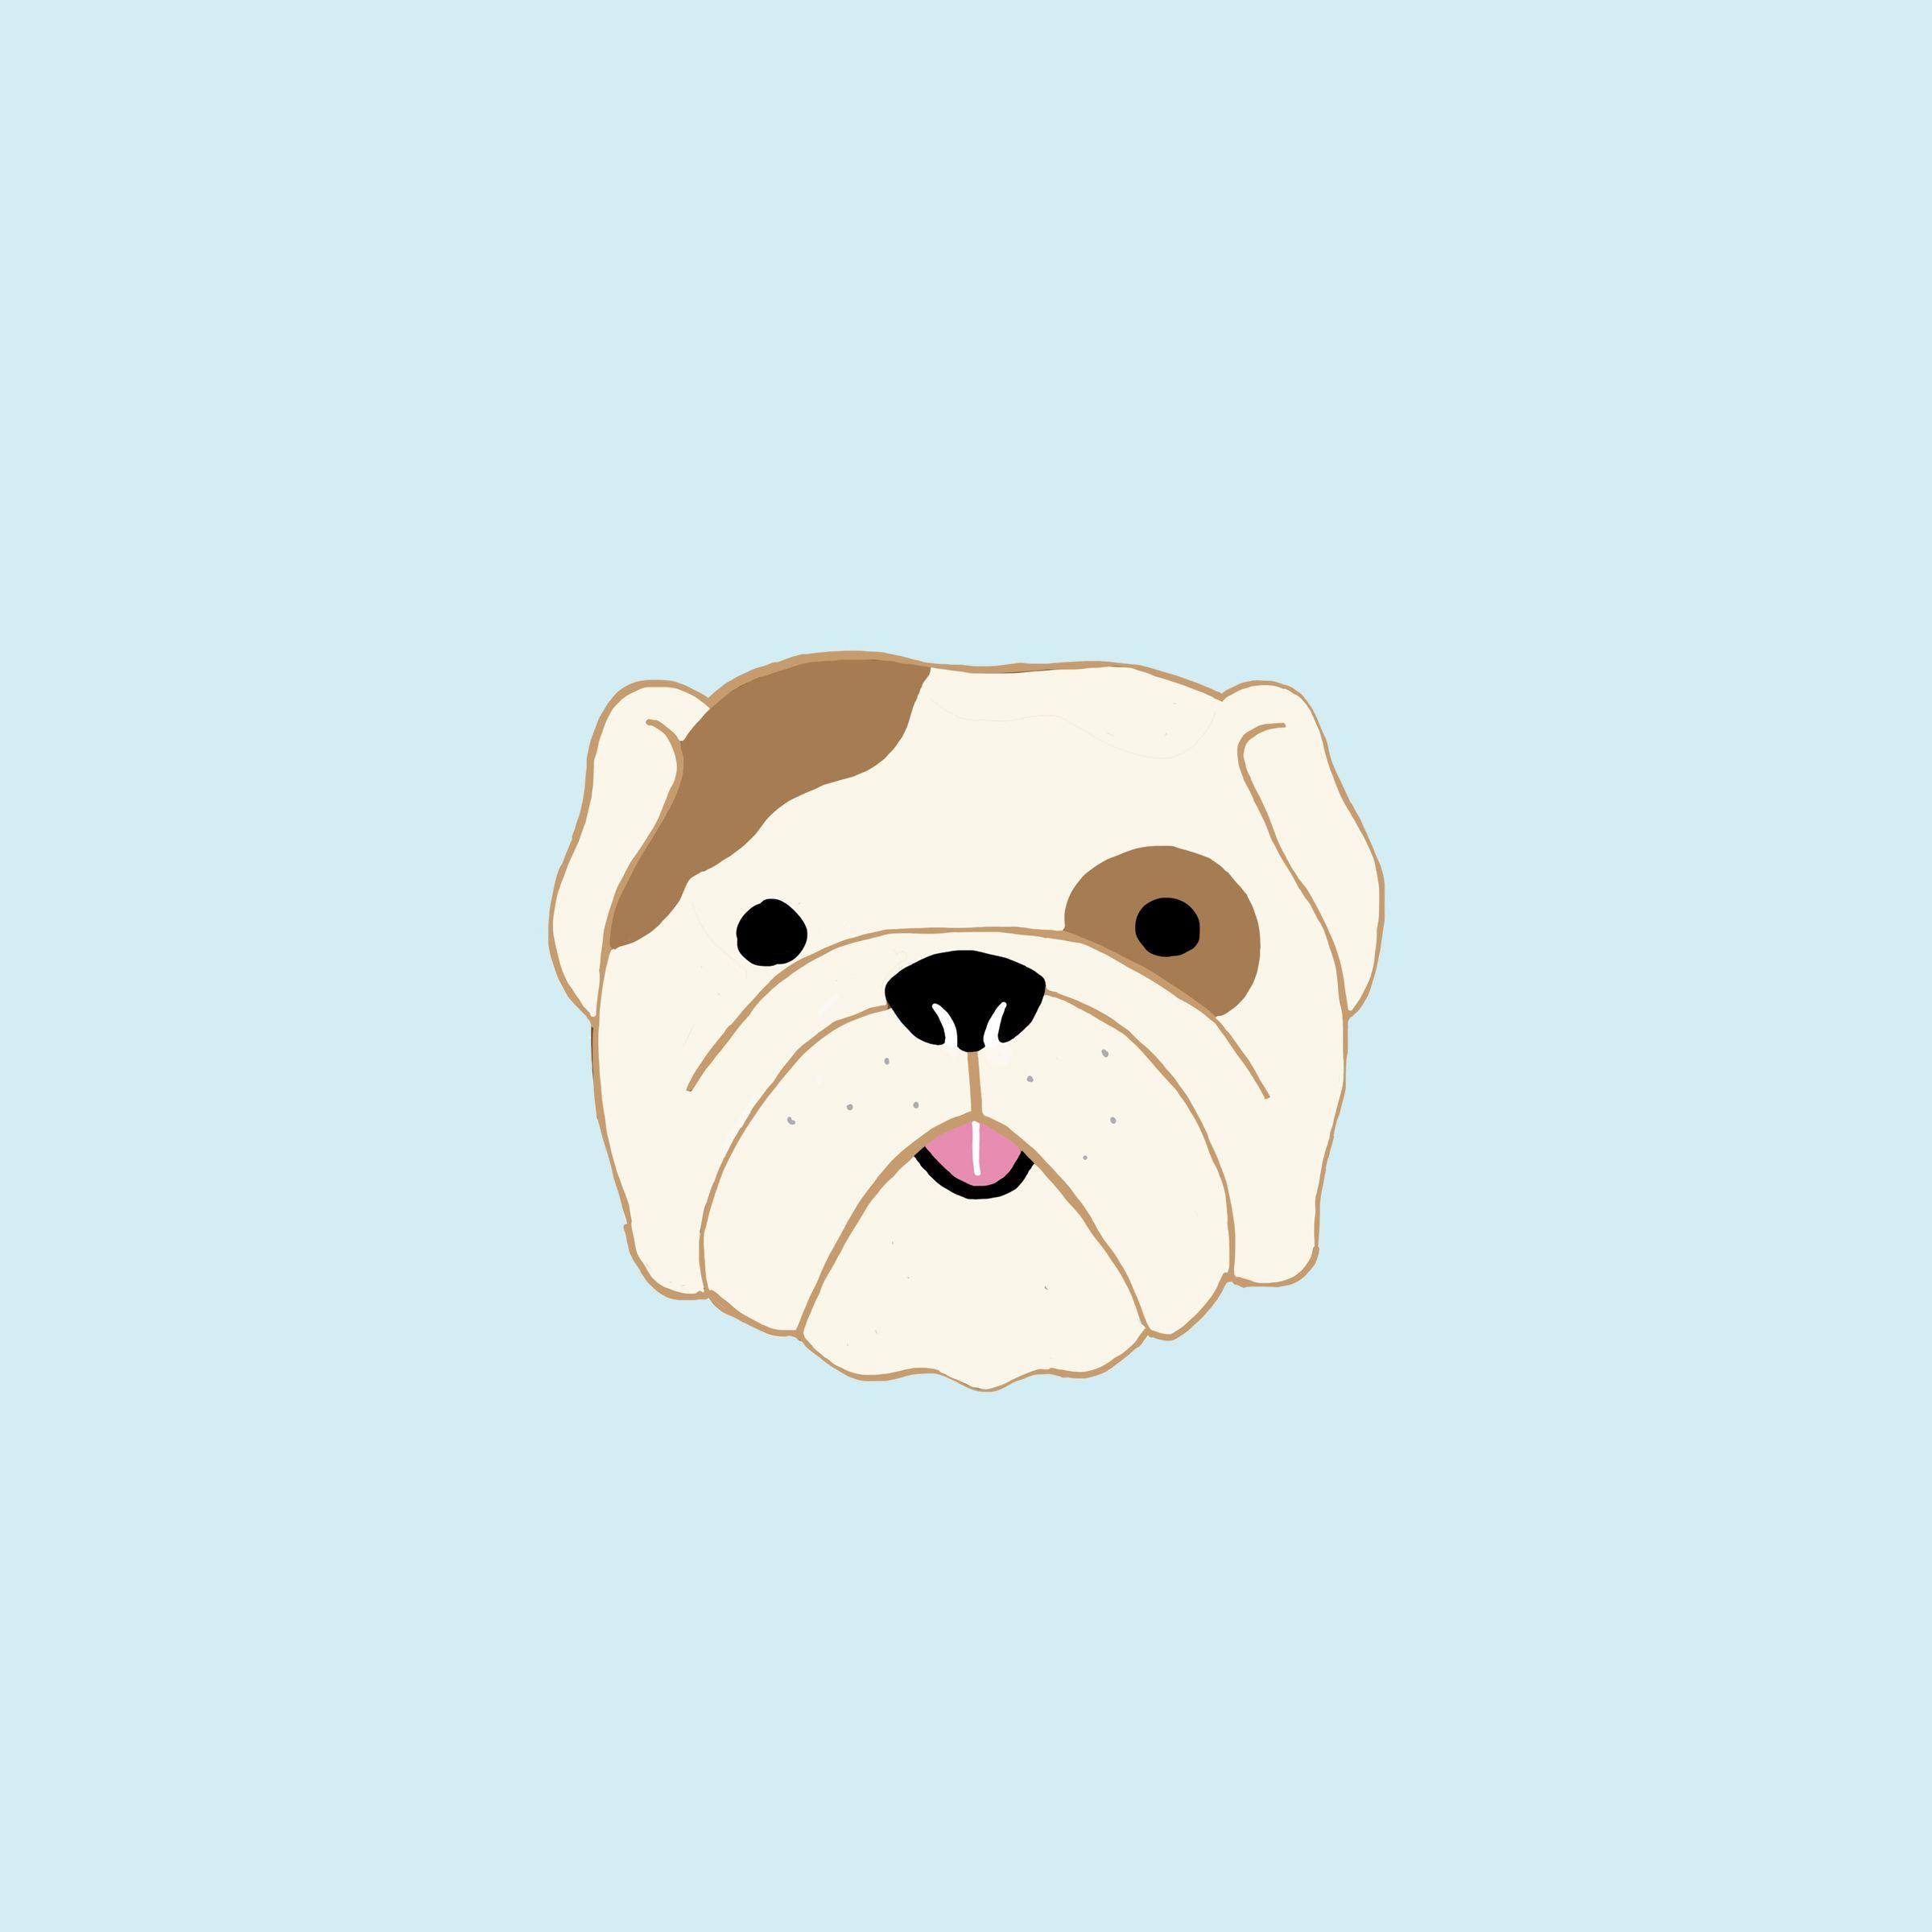 English Bulldog Illustration By Es Super Fun Bulldog Dibujo